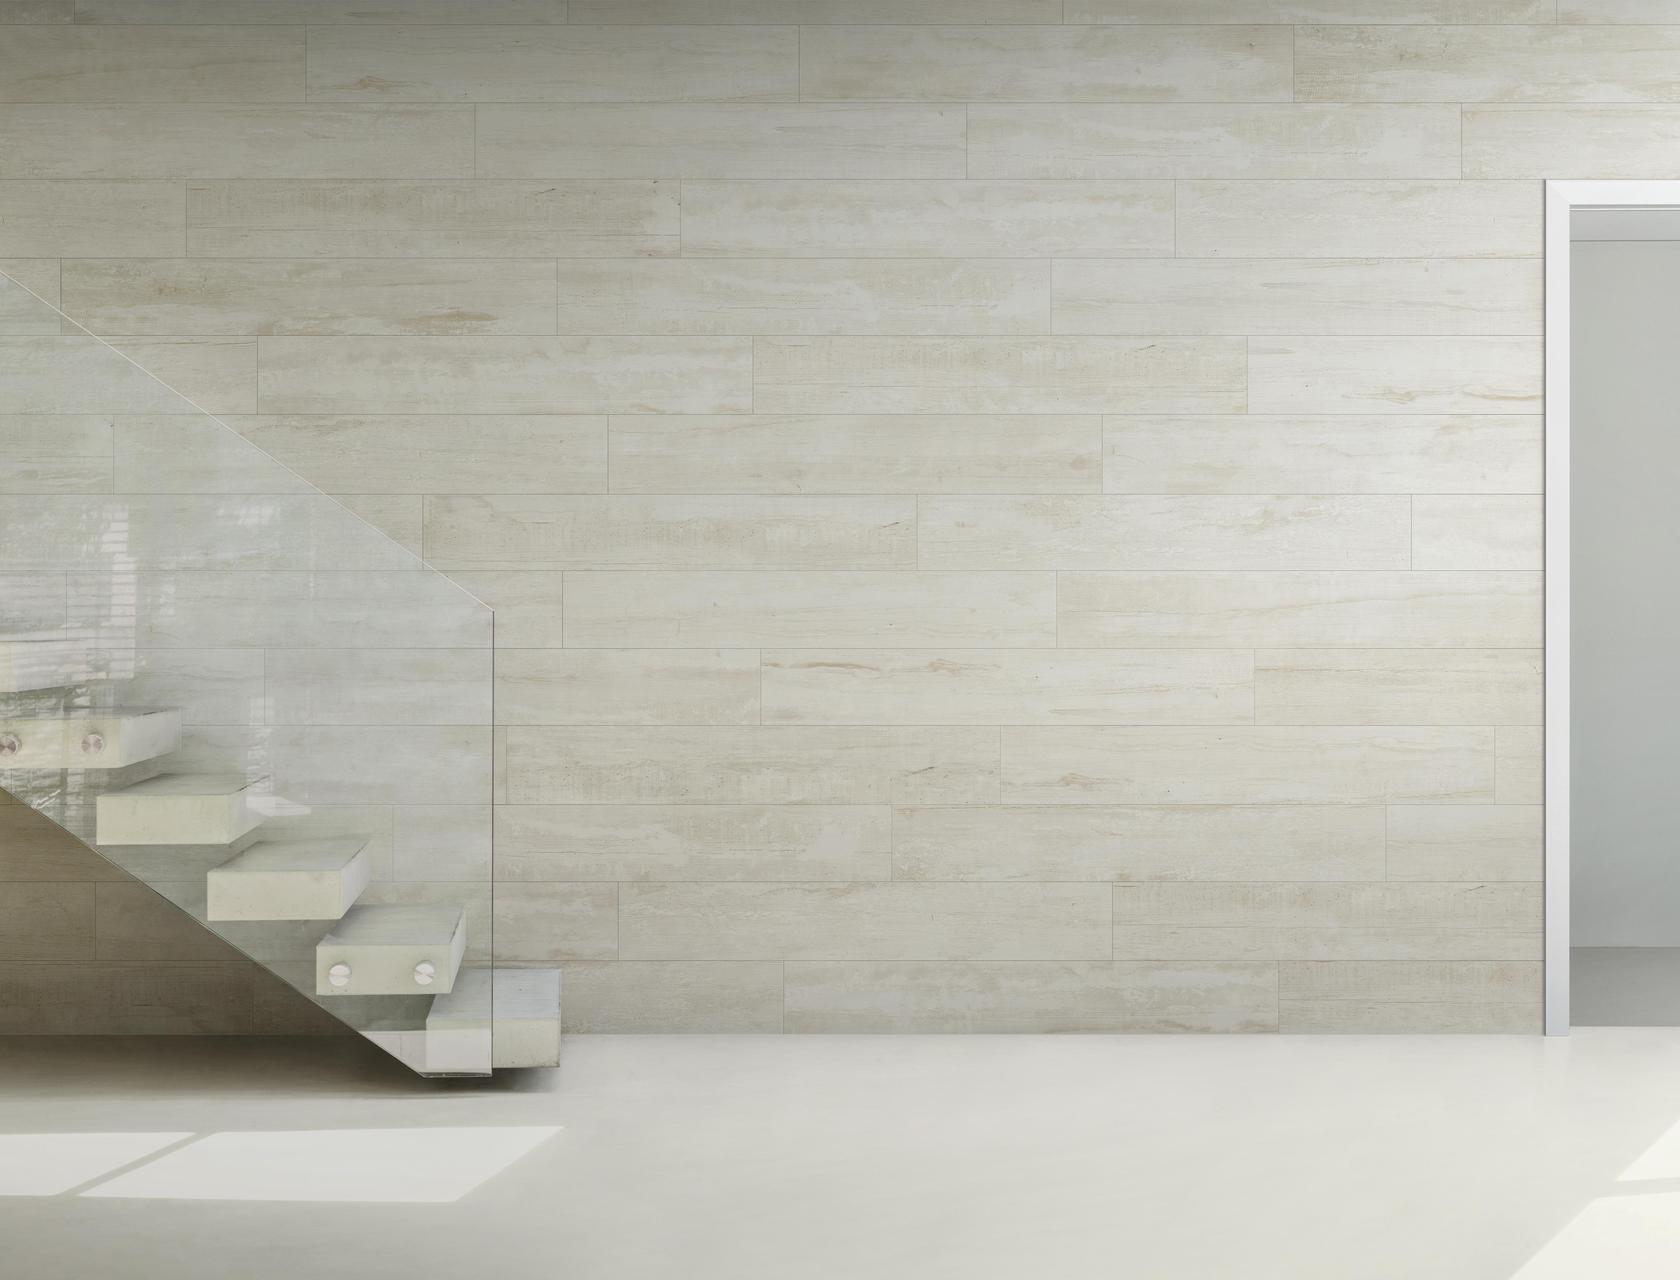 Pavimenti Finto Legno Bianco : Woodraw artic piastrelle in grandi formati effetto legno